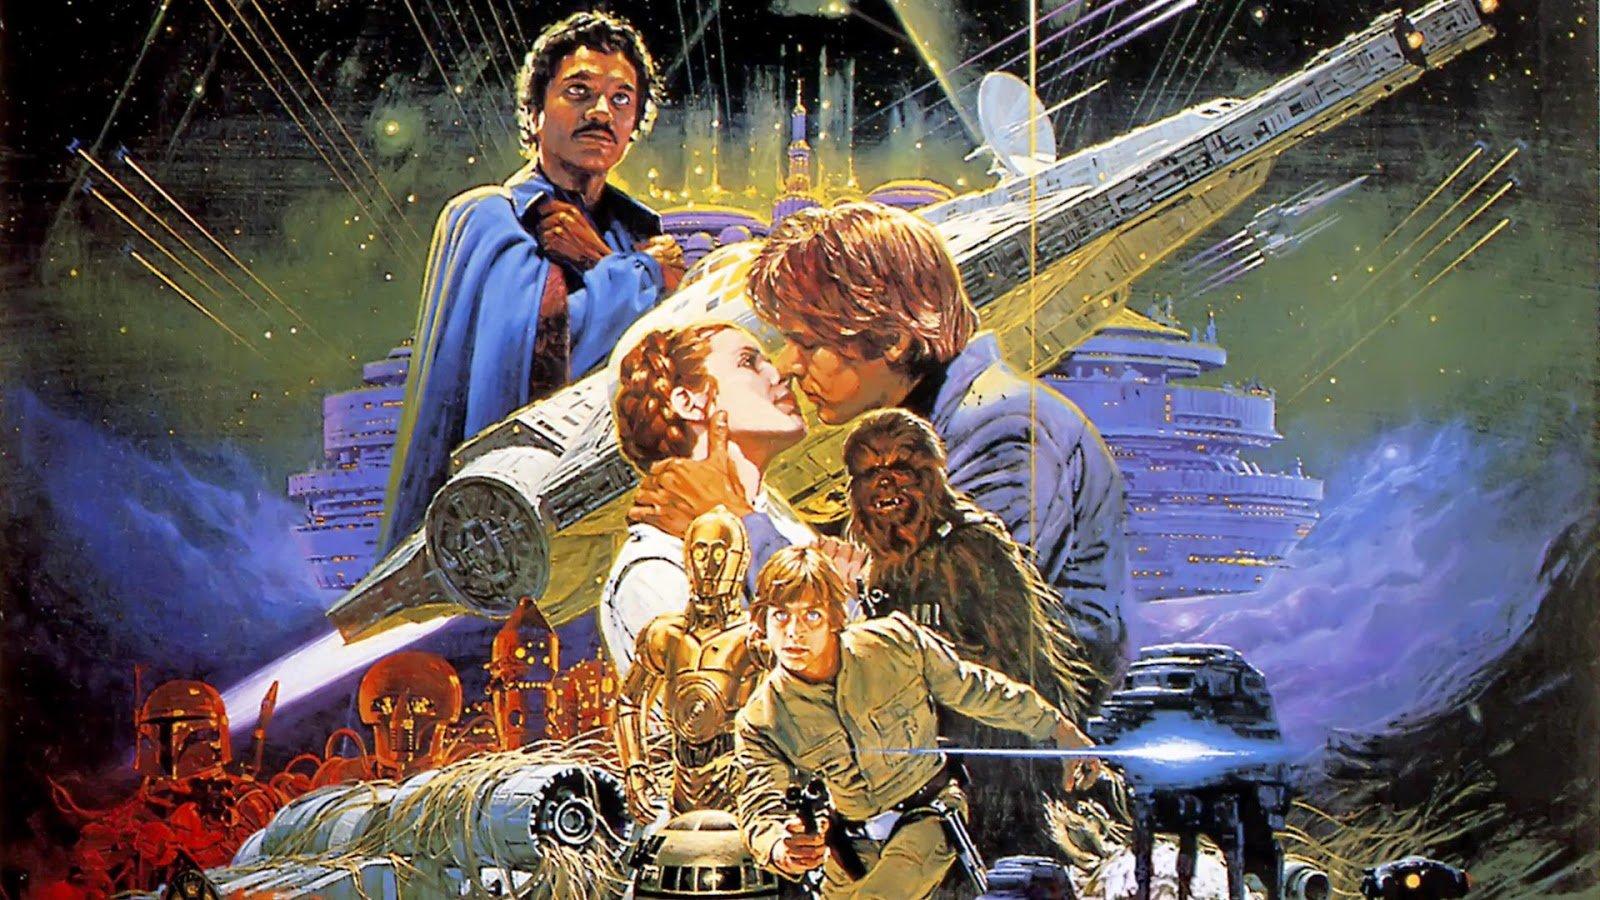 """Это было звездато. Рецензия на """"Звёздные войны: Пробуждение силы"""" - Изображение 2"""